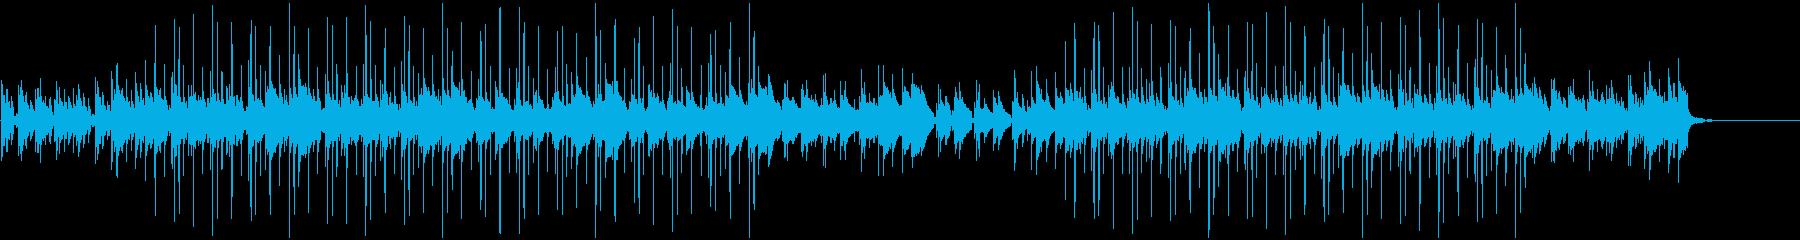 夢見心地なLo-Fi HipHopの再生済みの波形